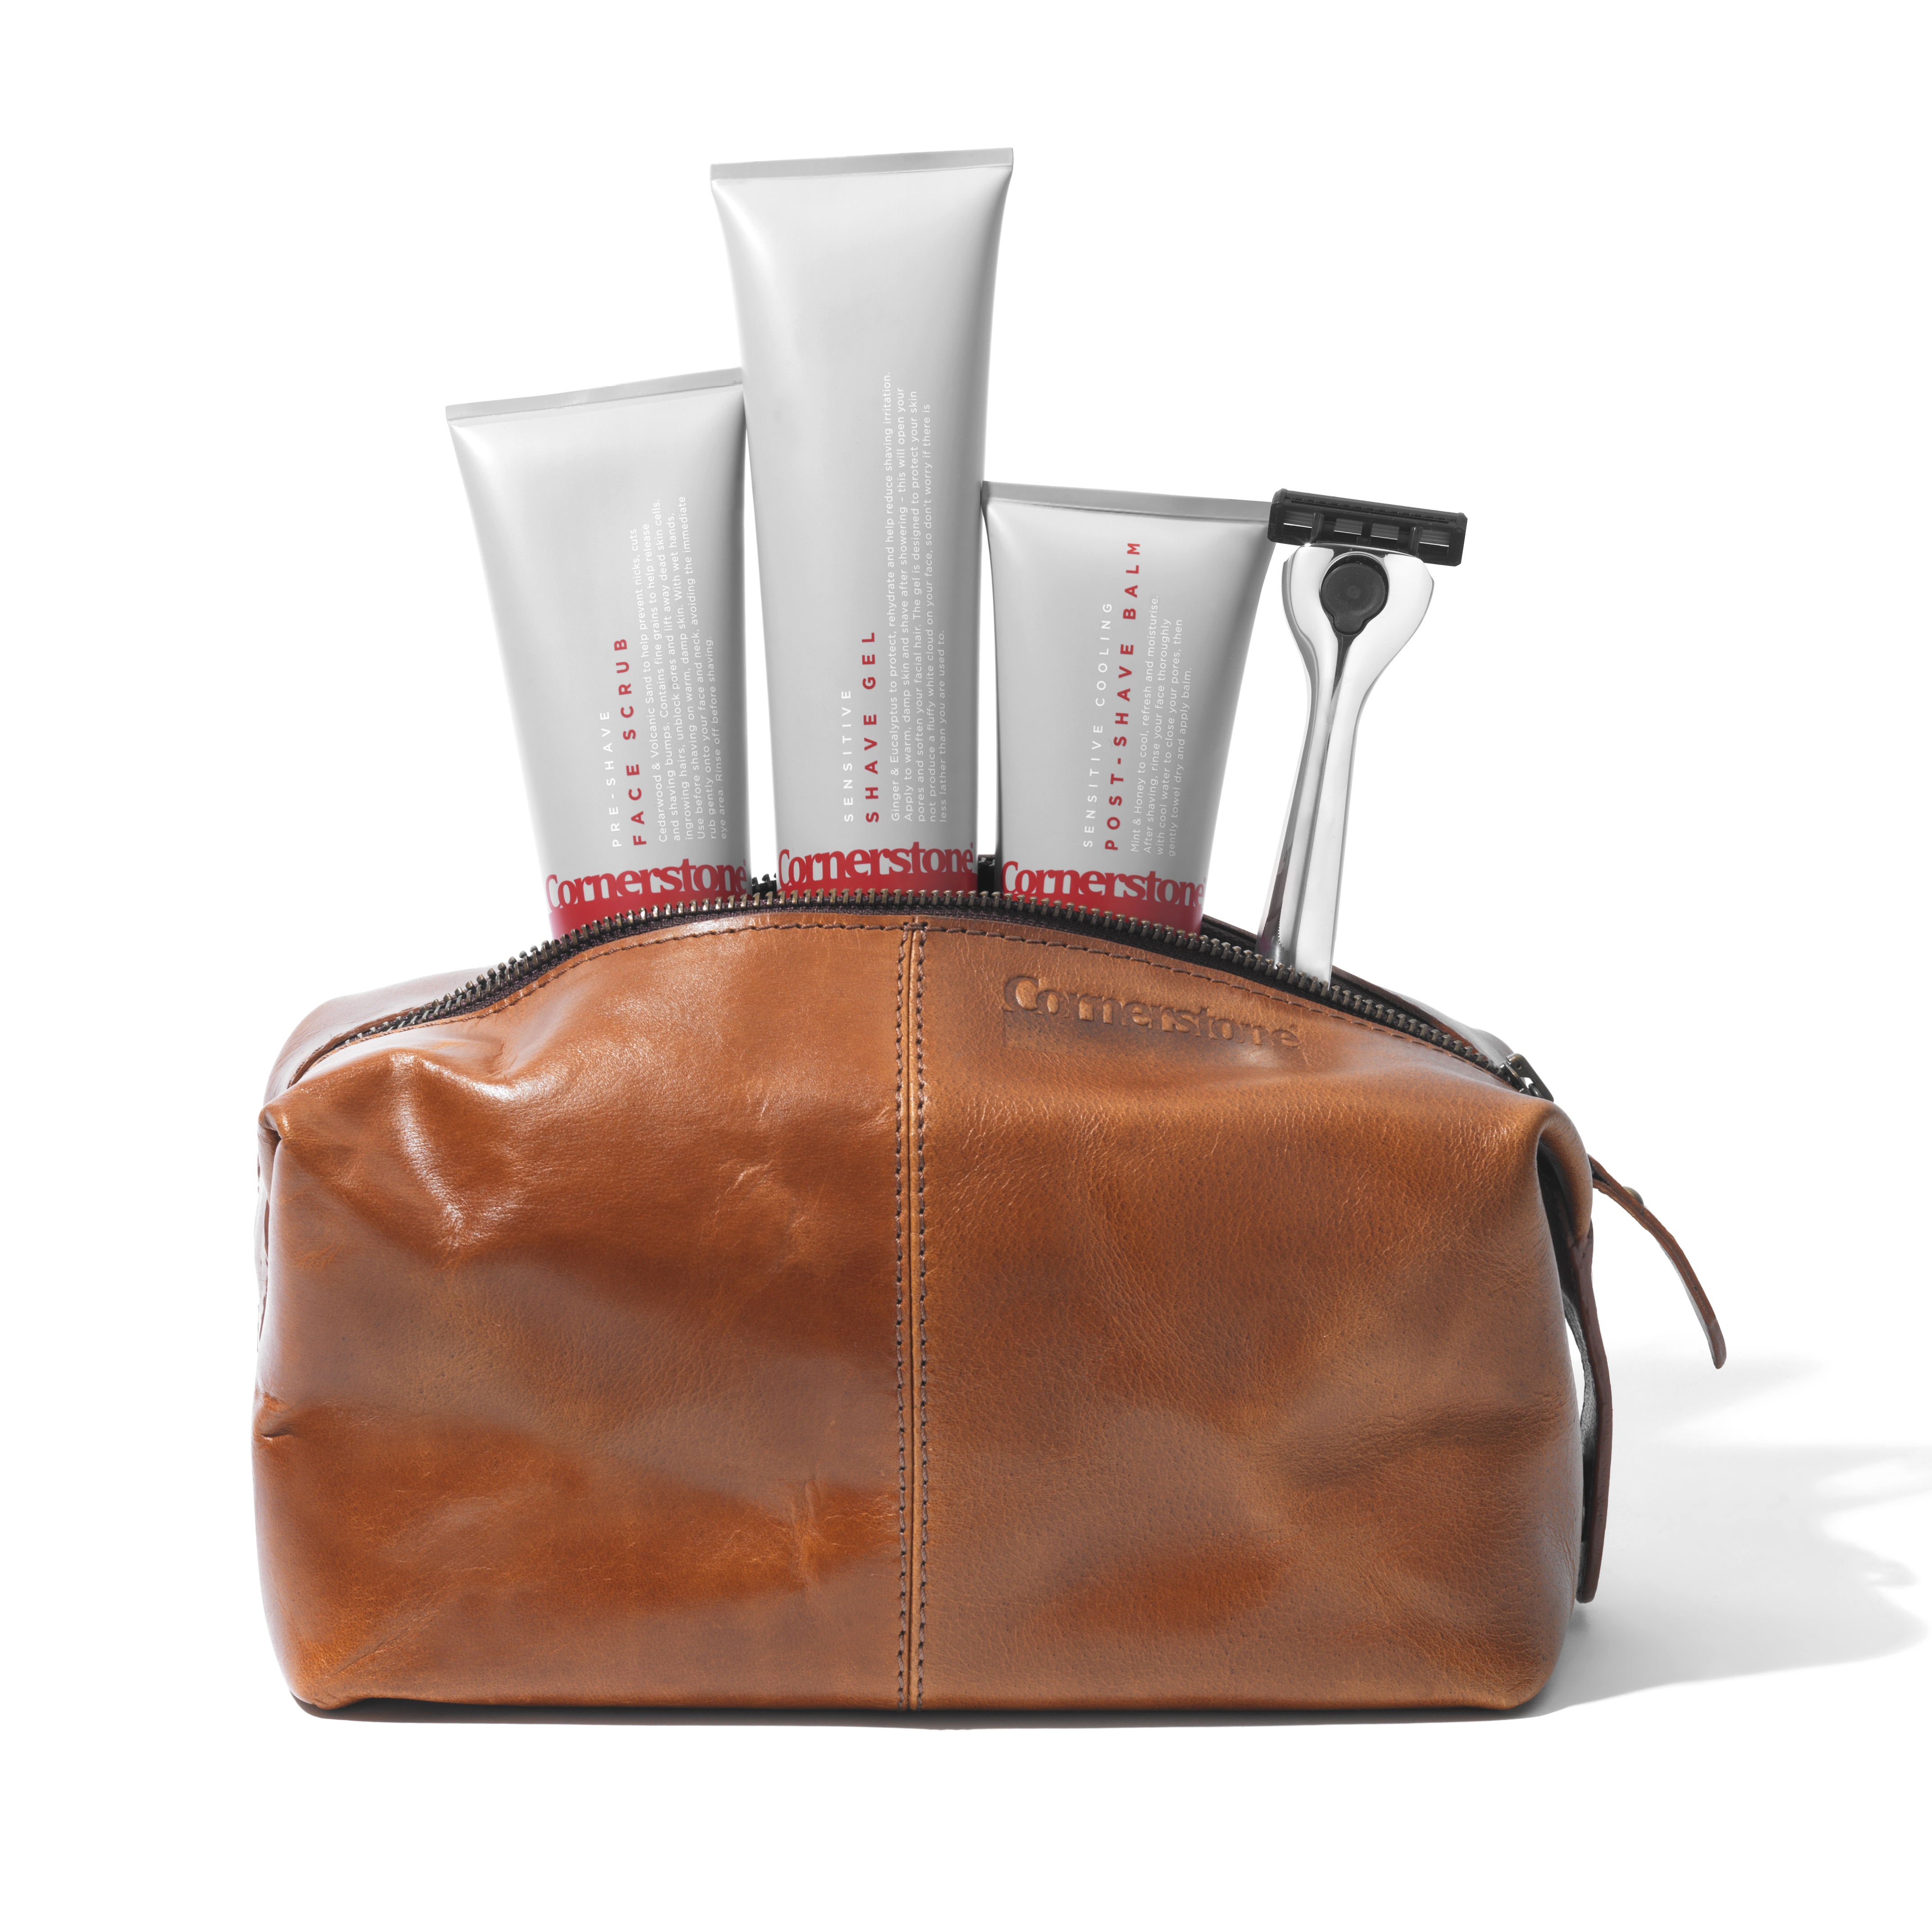 packing-grooming-essentials-travelling-cornerstone.jpg